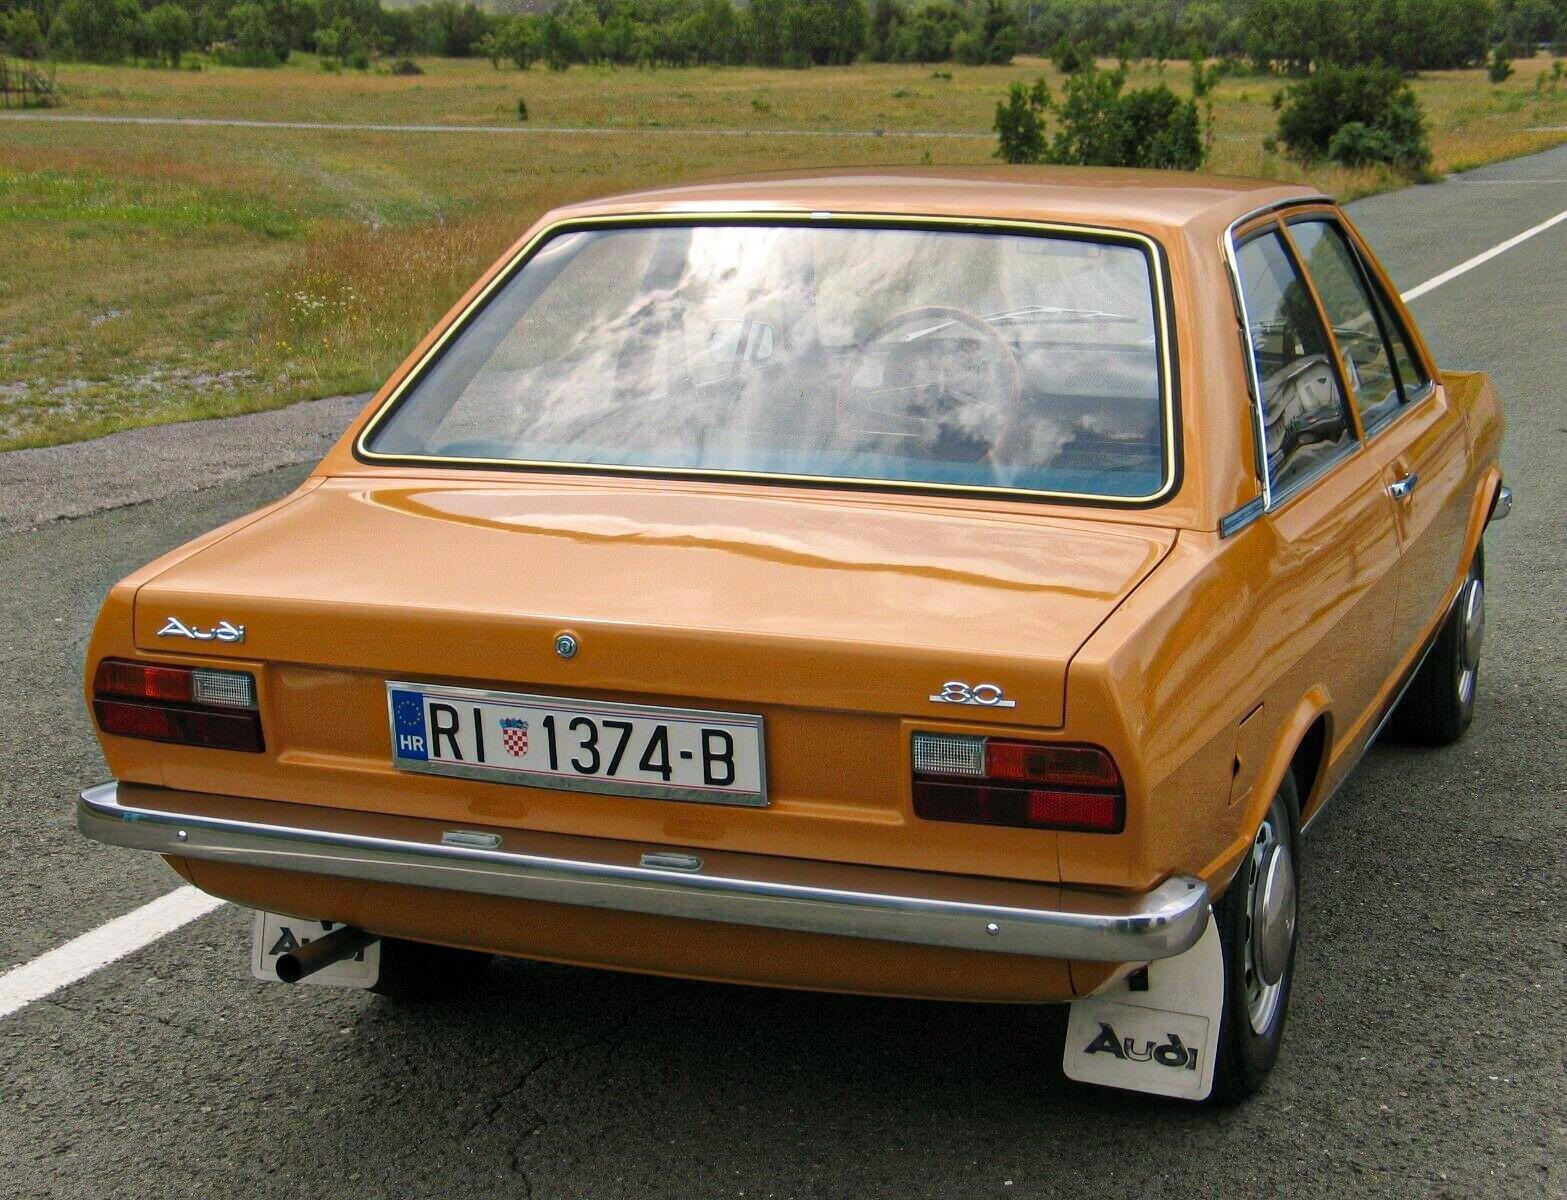 1973 Audi 80 in 2020 (mit Bildern)